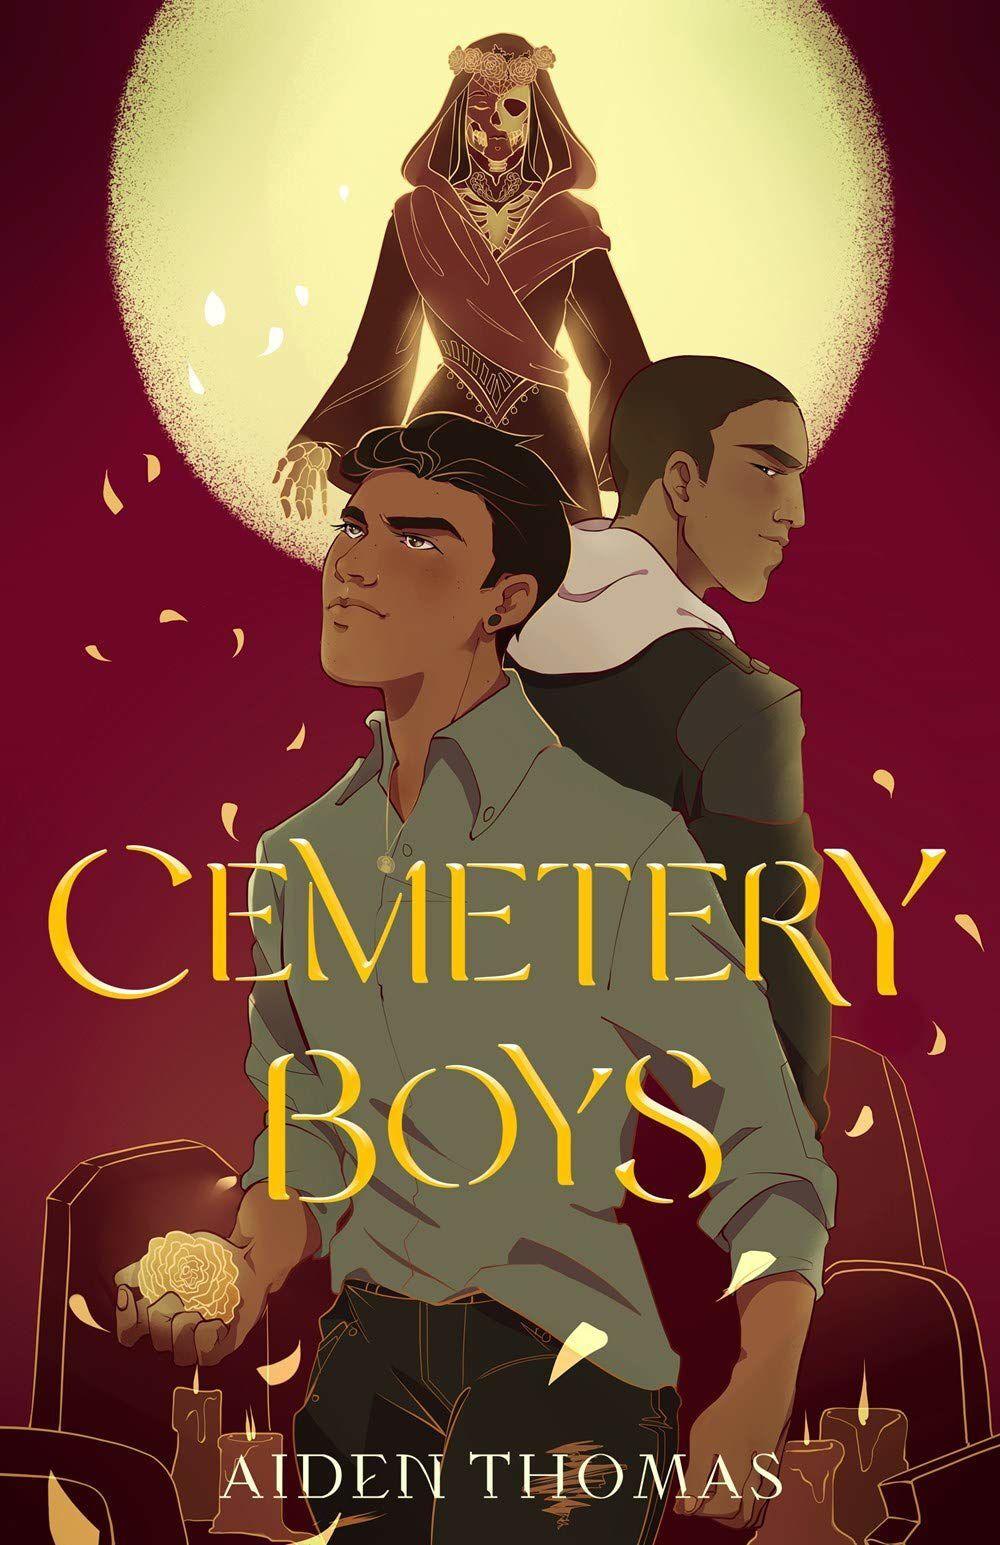 inklings - cemetery boy.jpg